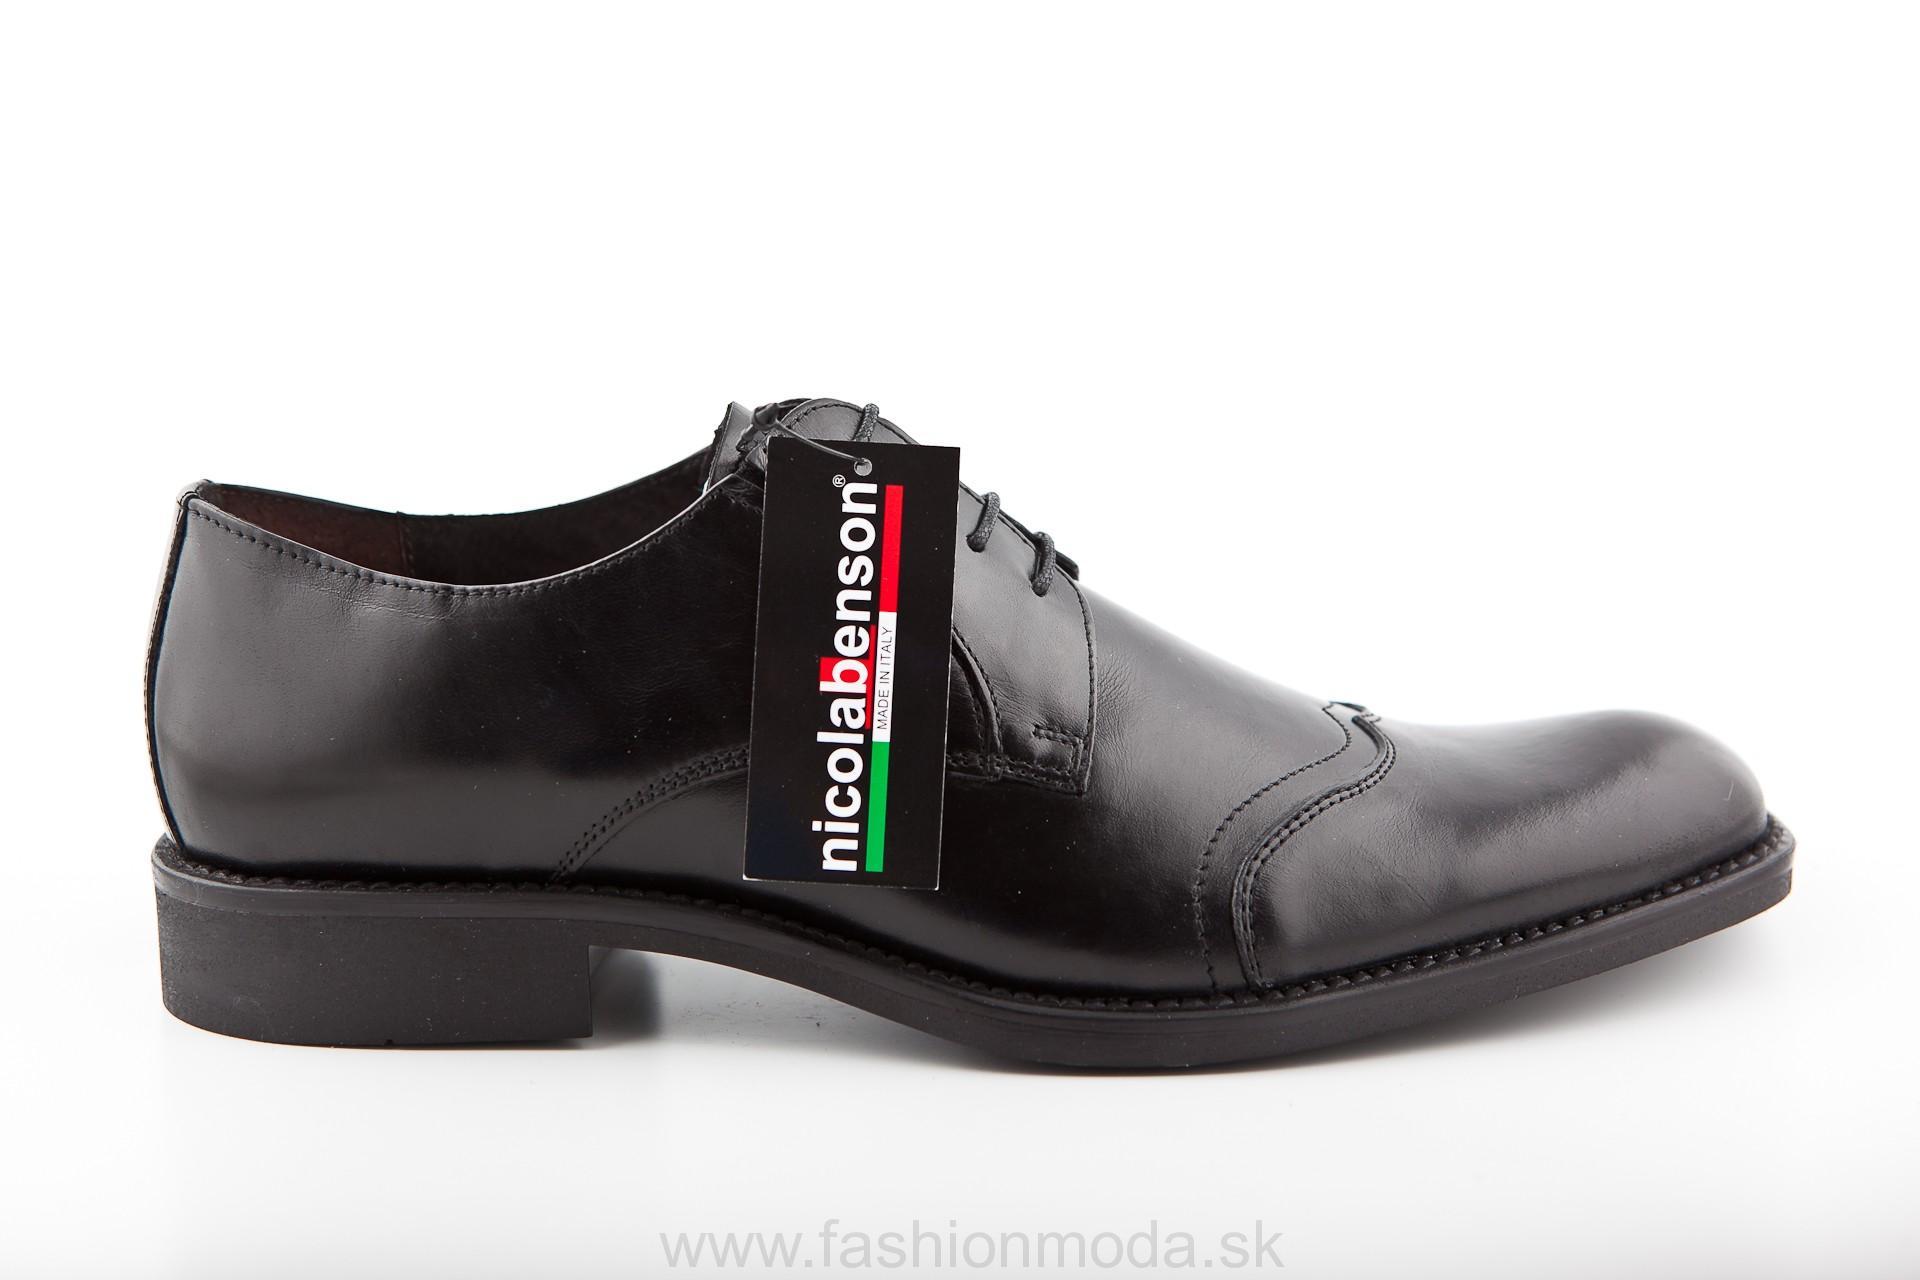 a1cb22acbb Pánska spoločenská obuv čierna NICOLA BENSON